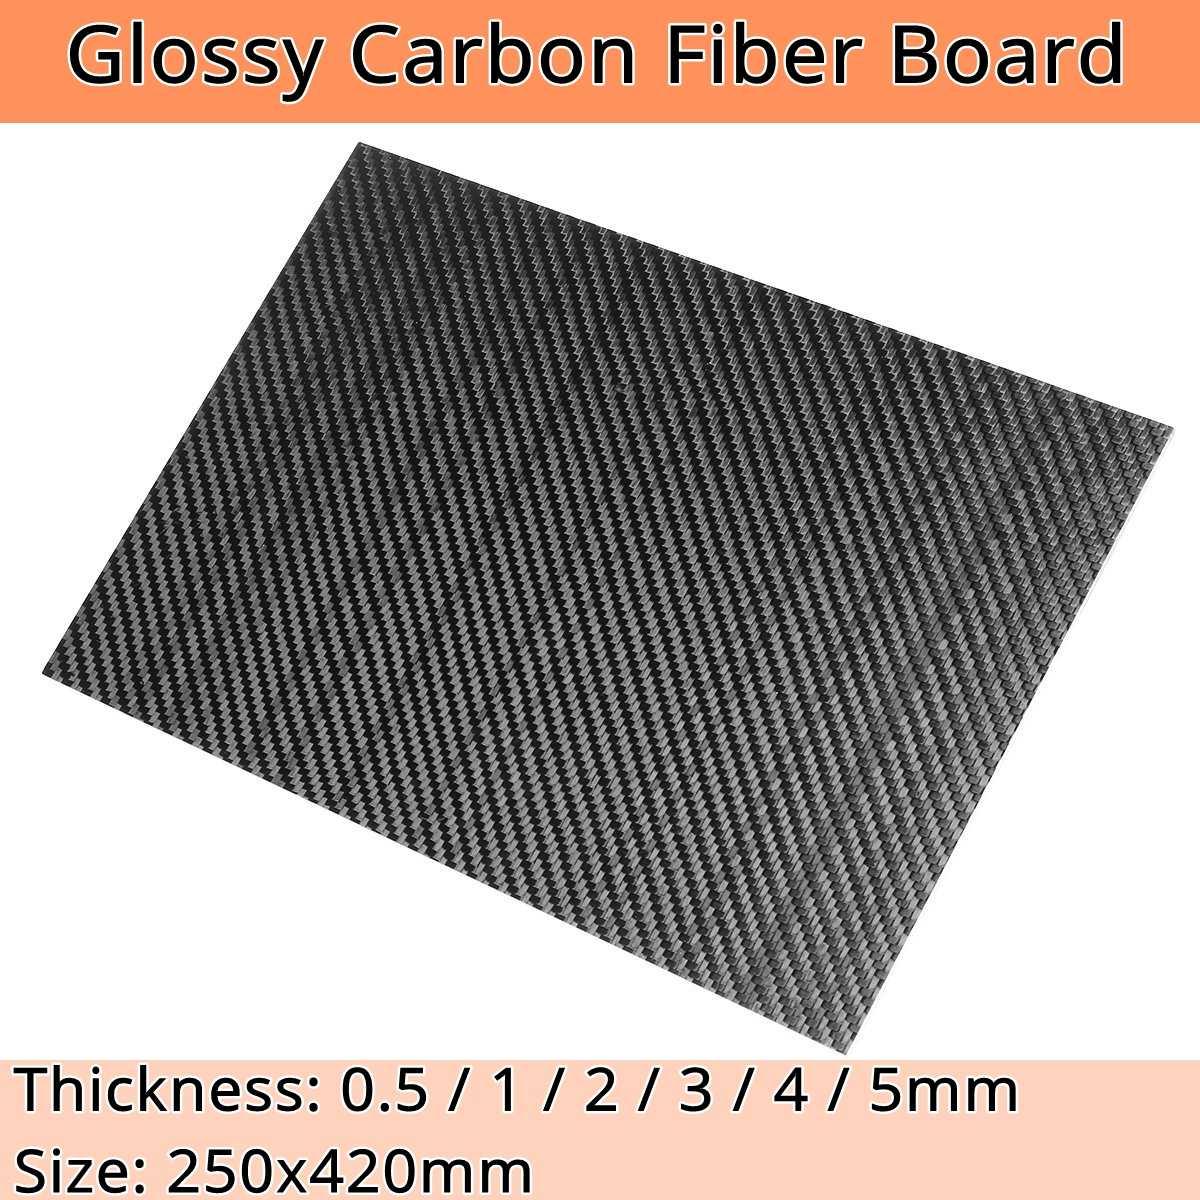 RJXHOBBY 500X400X3.0mm 3K Carbon Fiber Plate Panel Sheet 3.0mm Thickness Cross Grain, Matte Surface